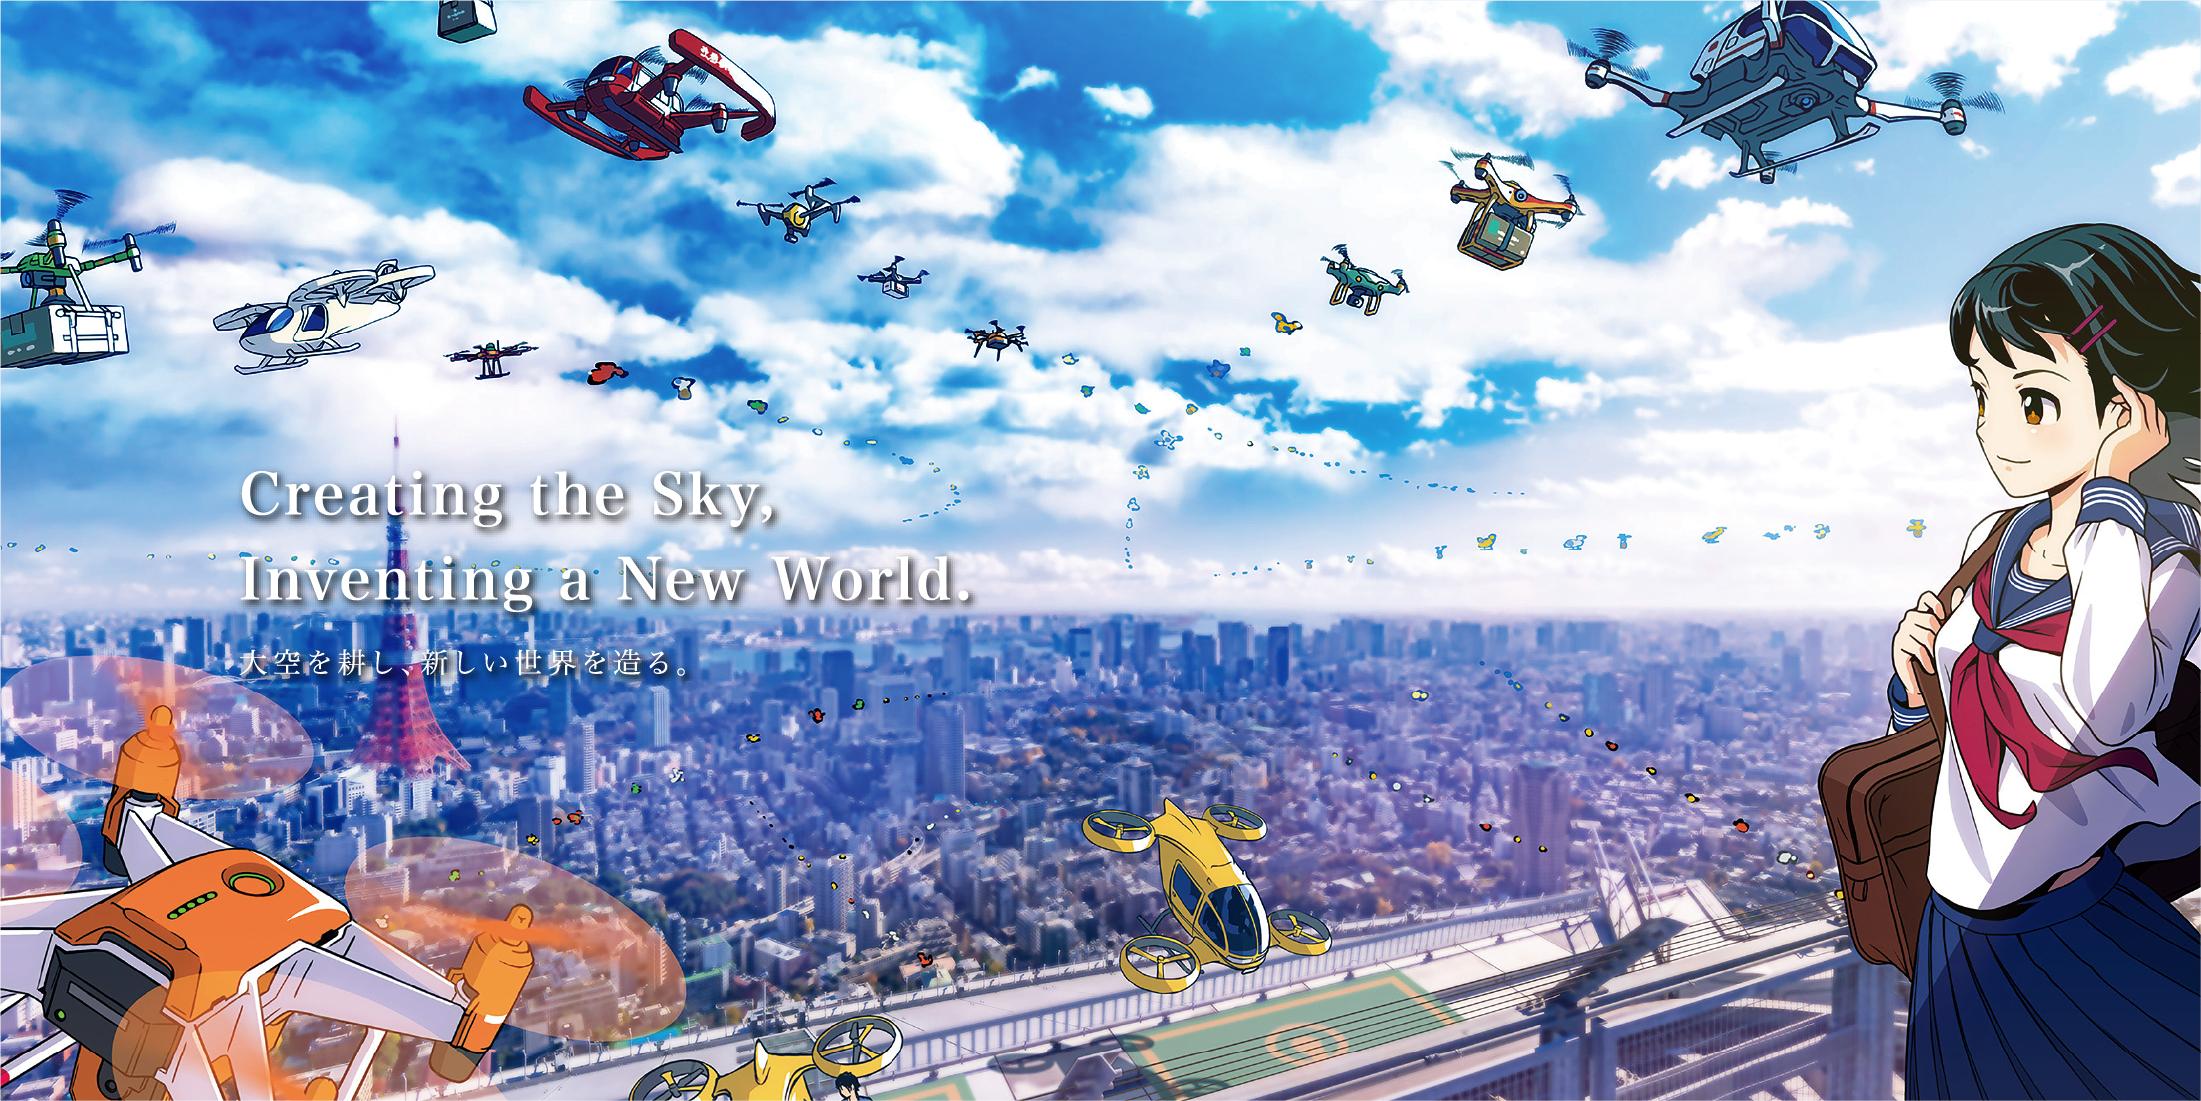 大空を耕し、新しい世界を造る。 Creating the Sky,  Inventing a New World.